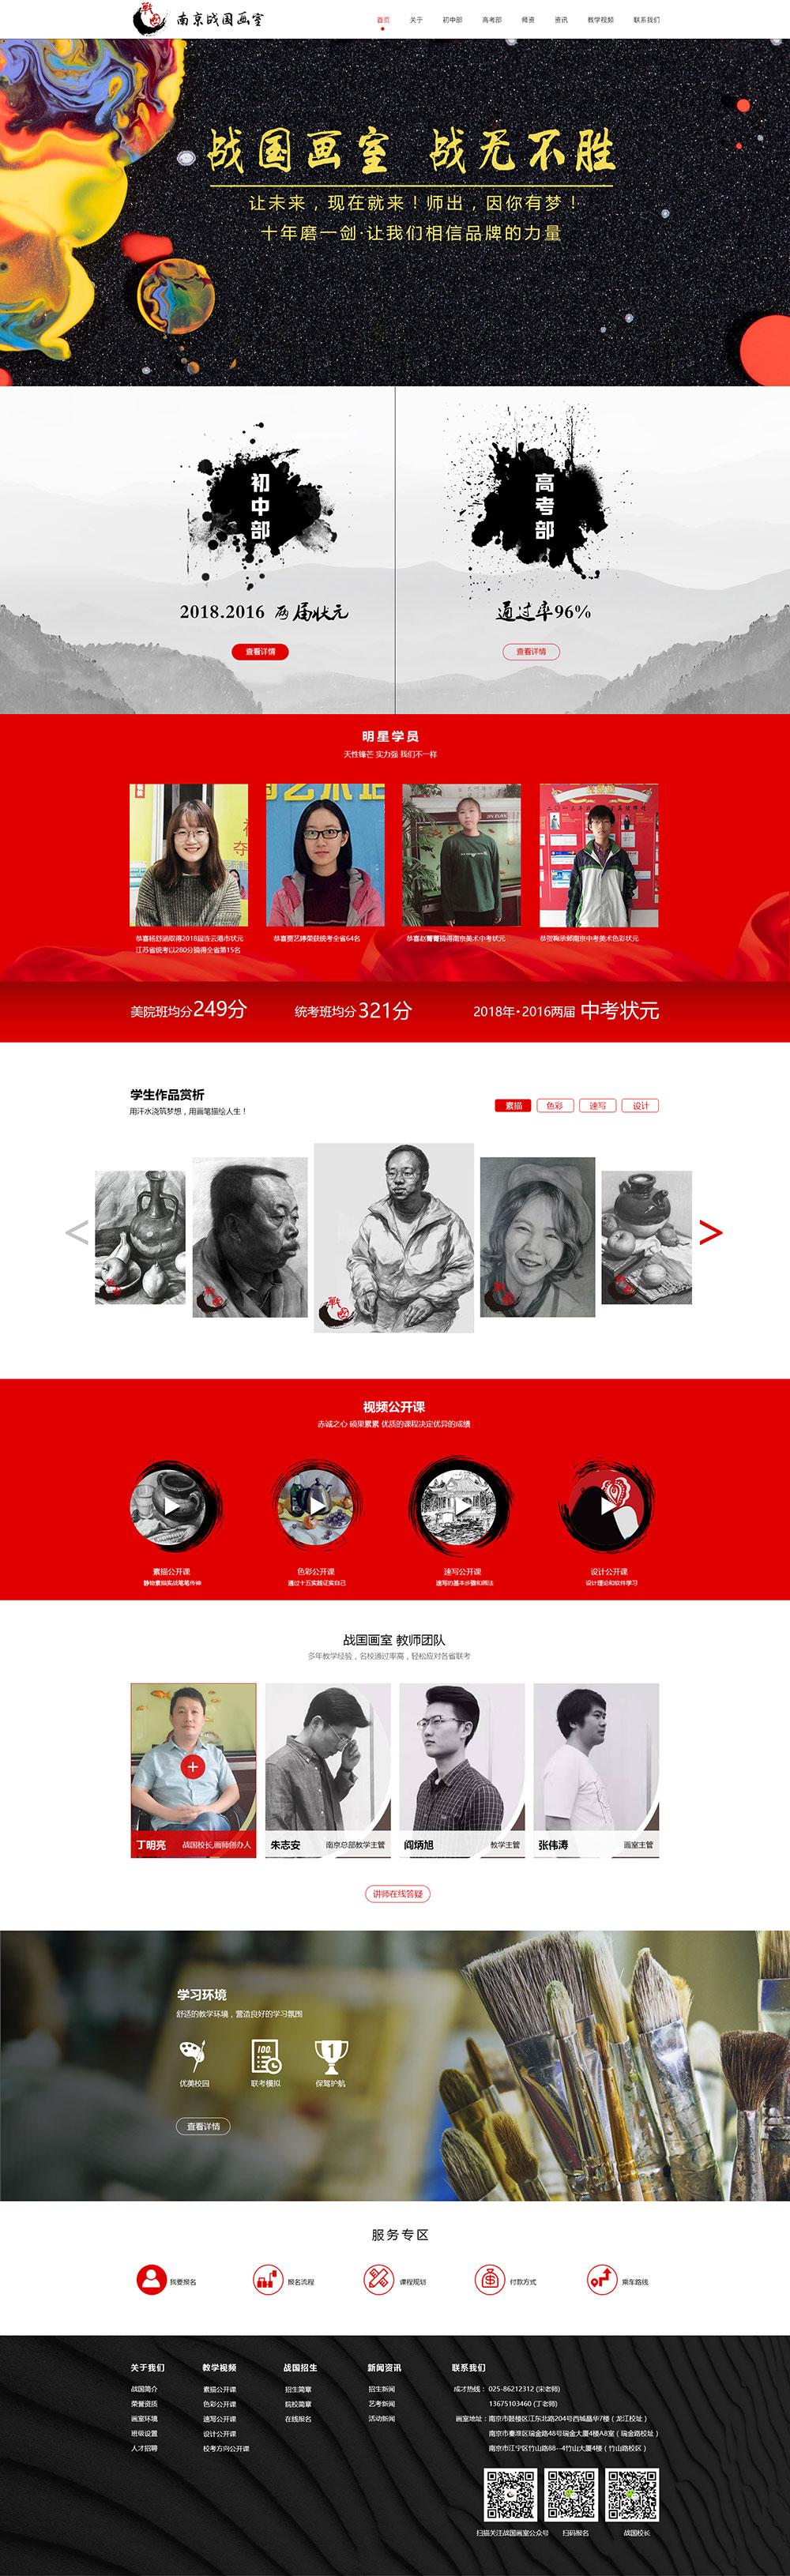 南京战国文化艺术培训有限公司